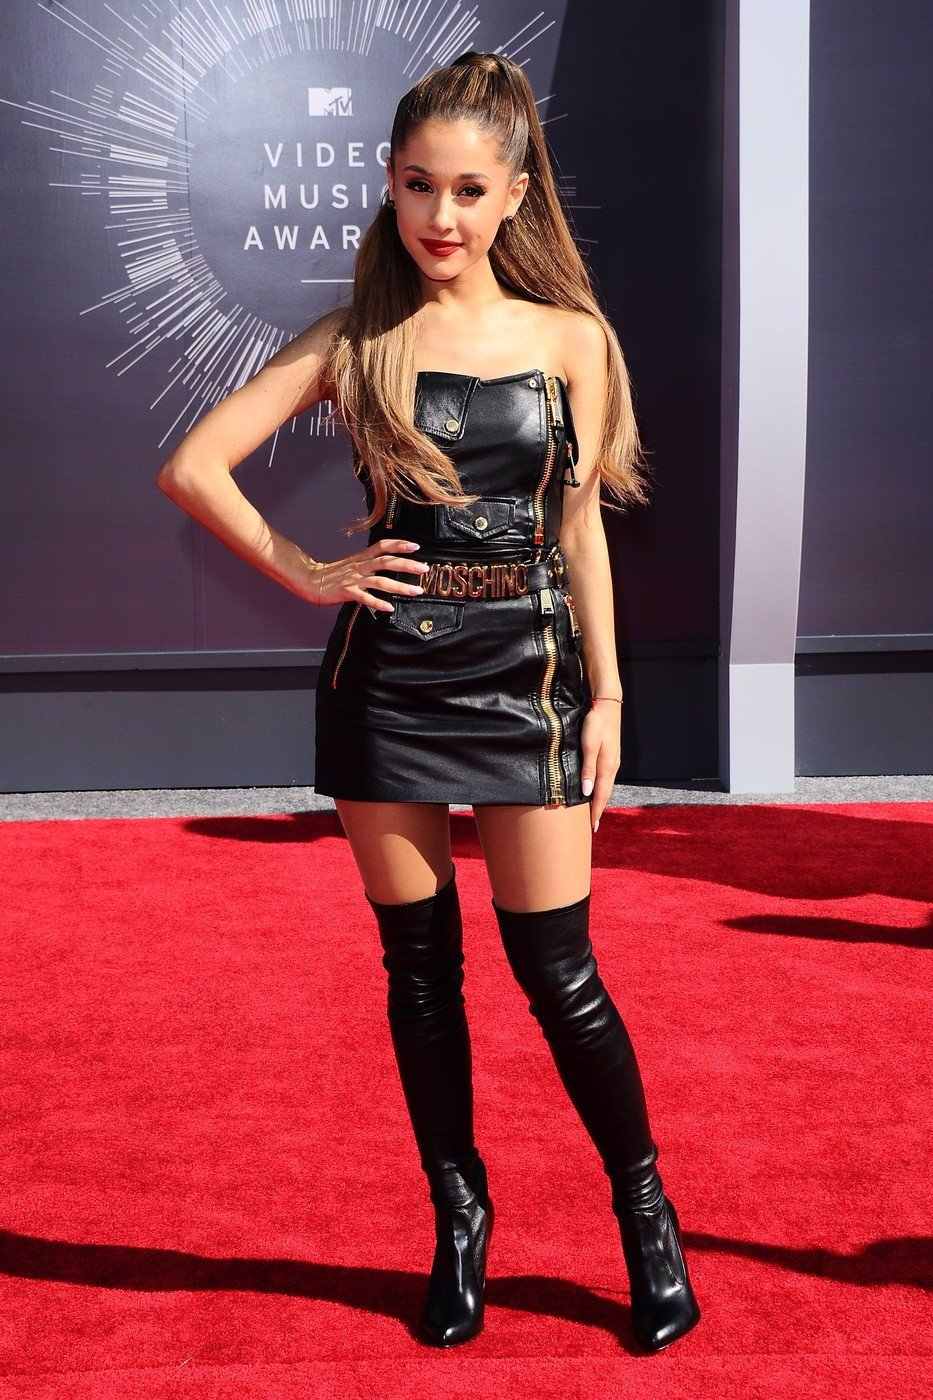 Krvavá jatka na koncertě v Manchesteru: Zpěvačka Ariana Grande udělala dojemné gesto, ze kterého mrazí!